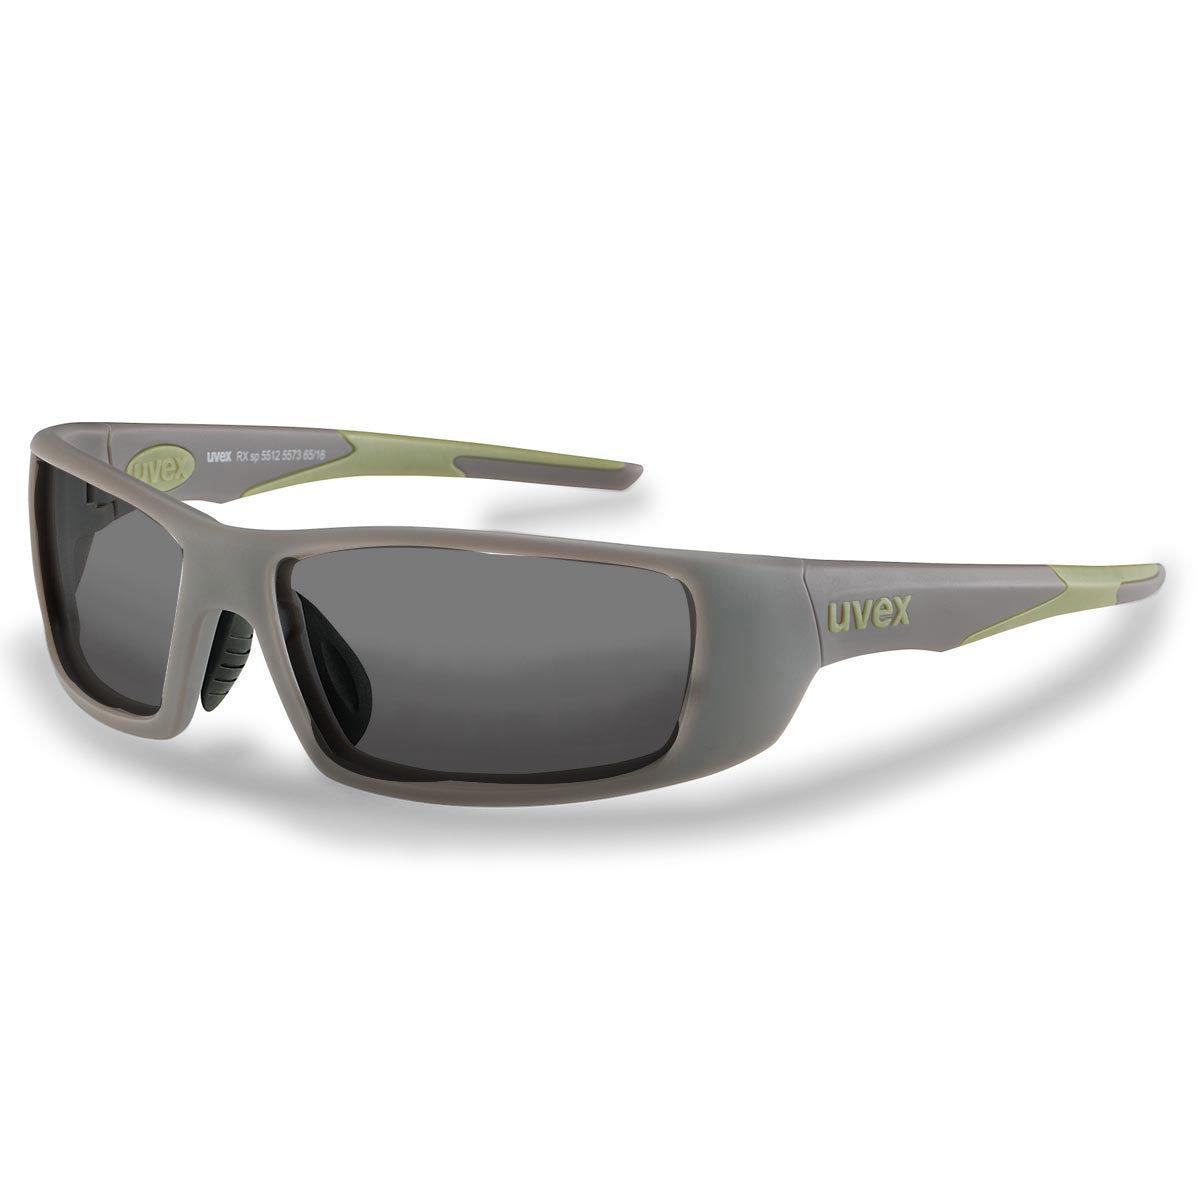 Uvex Korrektionsschutzbrille RX sp 5512 grün - grau getönt